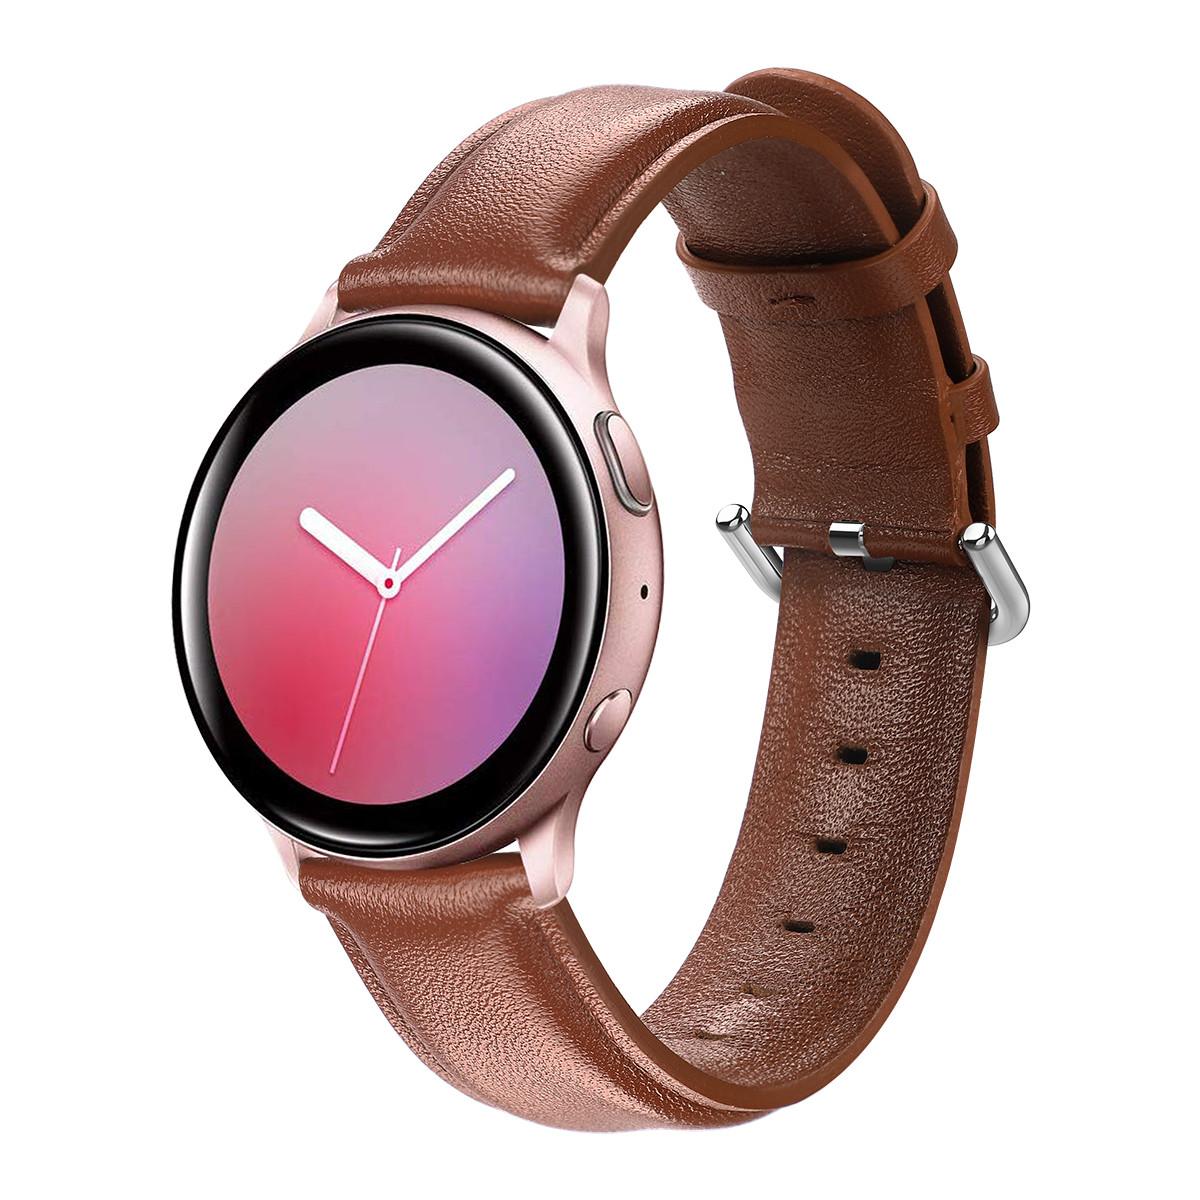 Ремінець BeWatch шкіряний 20мм для Samsung Active   Active 2   Galaxy watch 42mm Коричневий L (1220106.L)